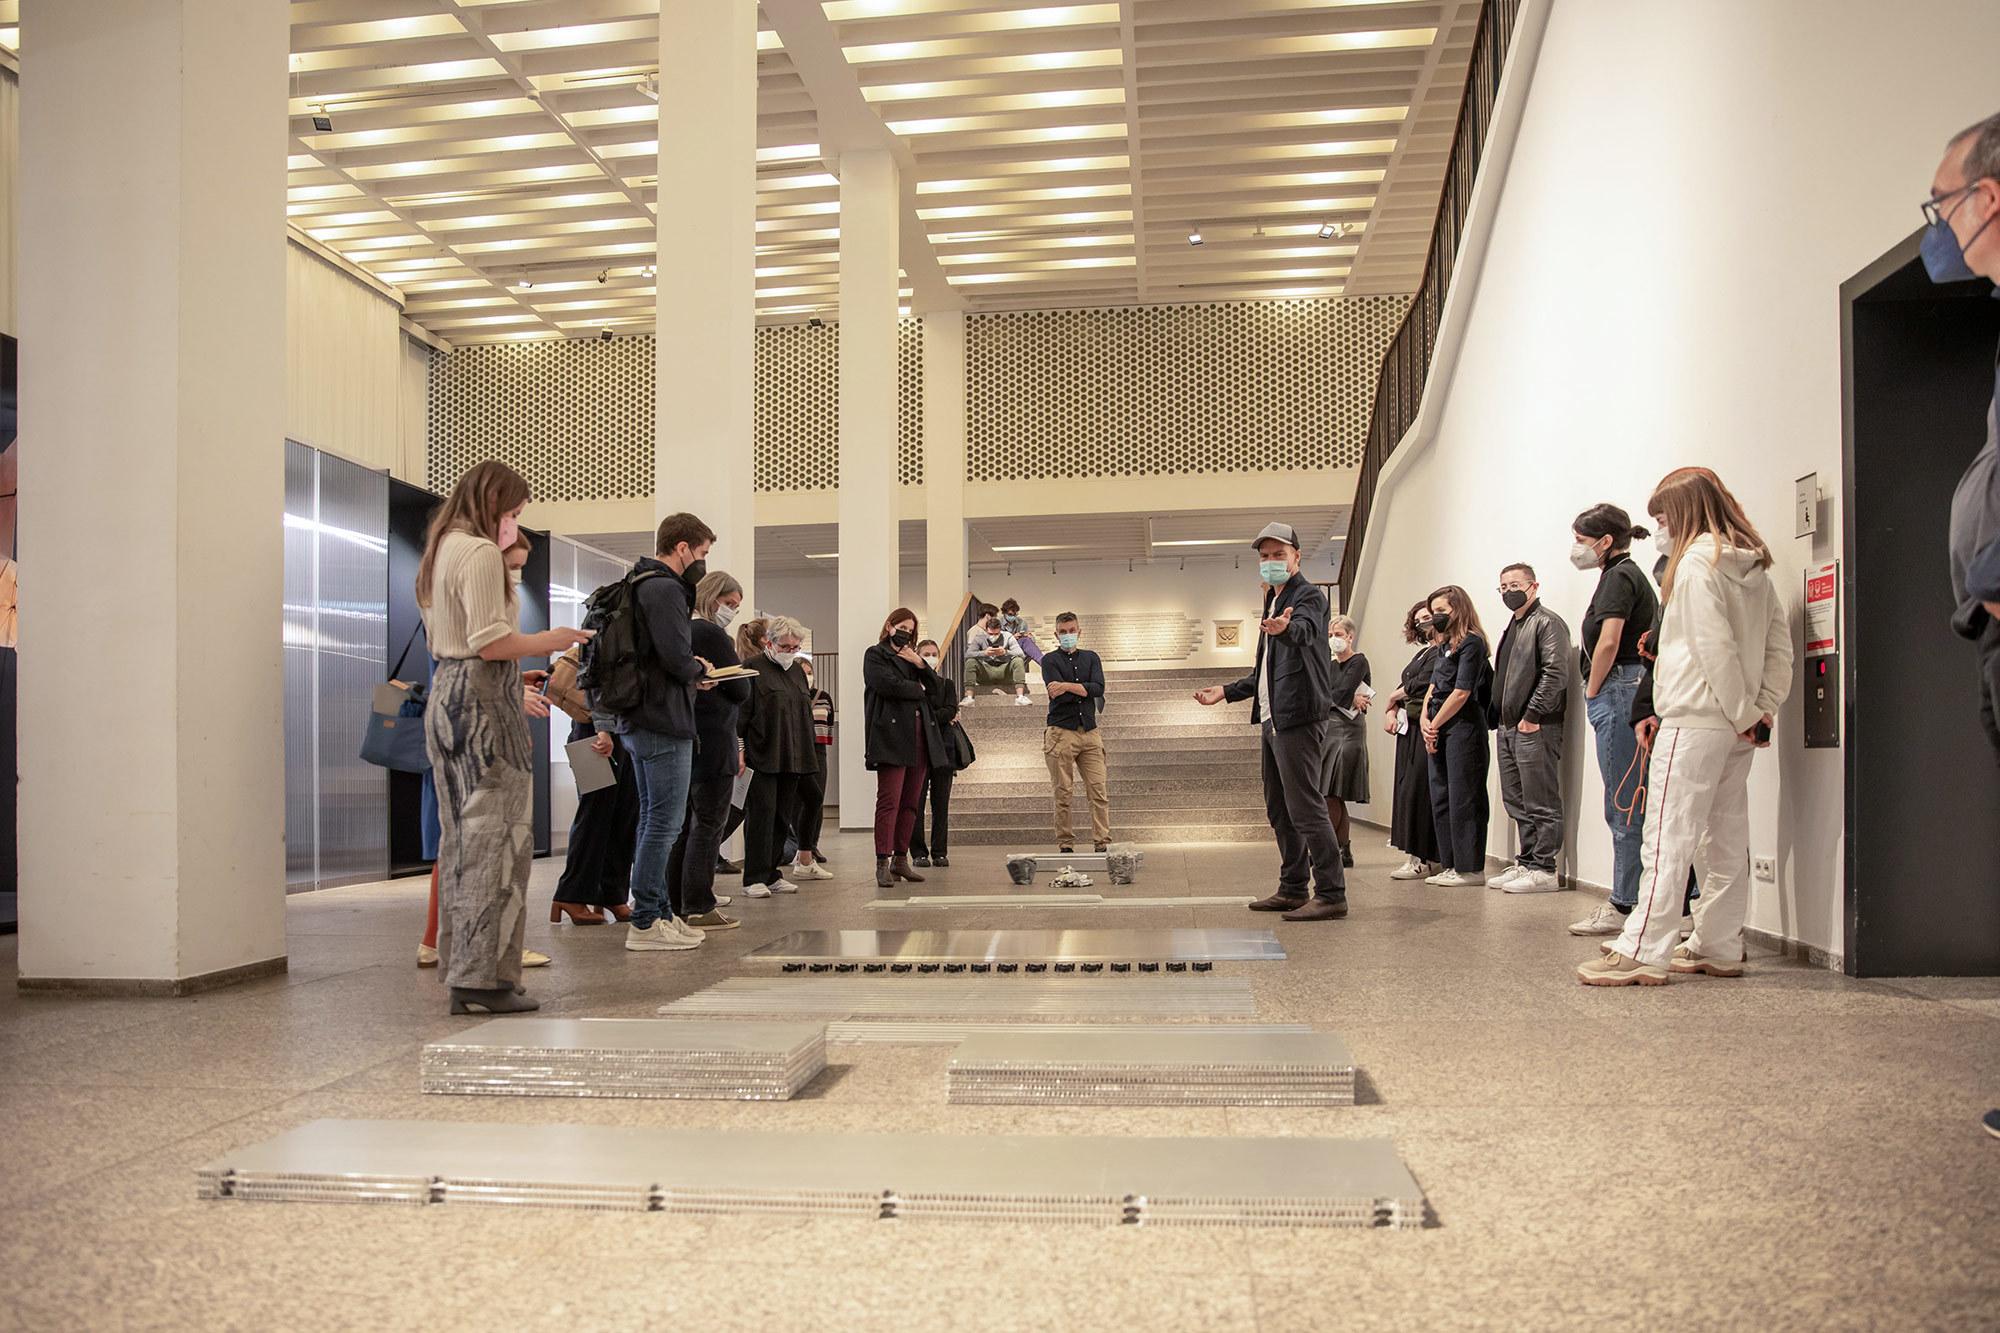 Bilder der Ausstellungseröffnung im MAKK. ©wagnerliving